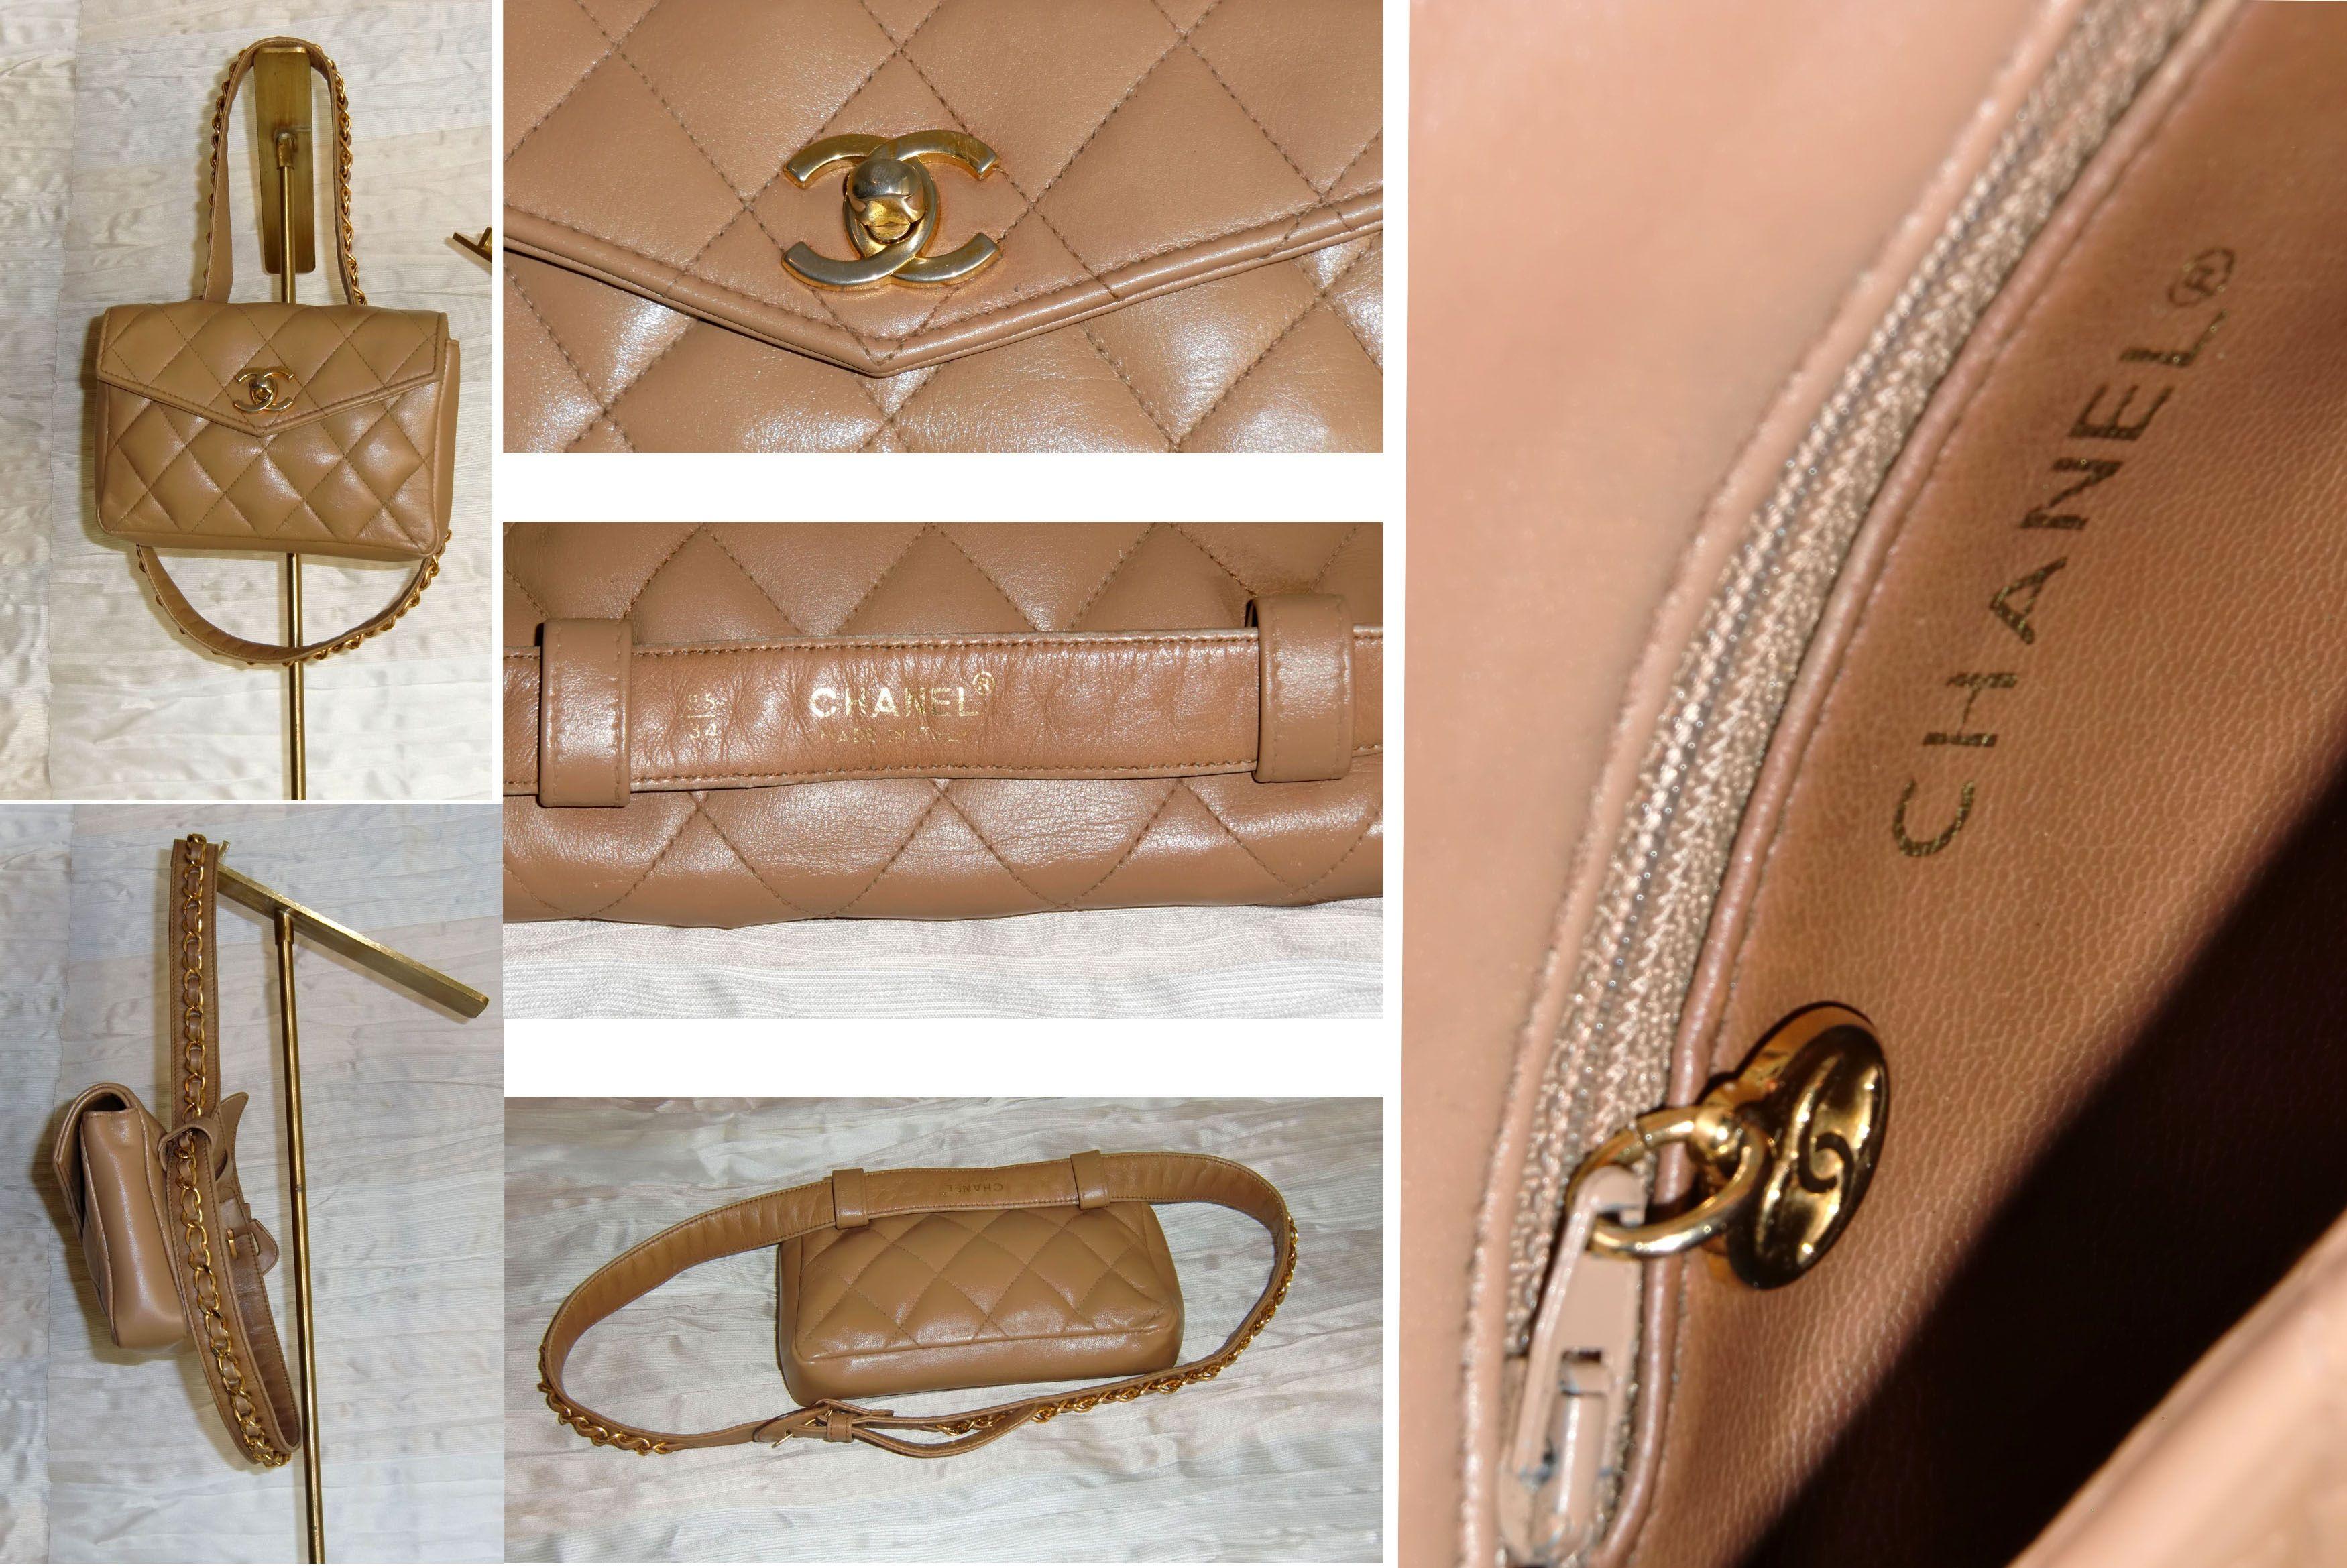 3e3788019b Marsupio CHANEL vintage in pelle color cammello matelassé, cintura con  catena e chiusura a patta con logo in metallo. Ottime condizioni.